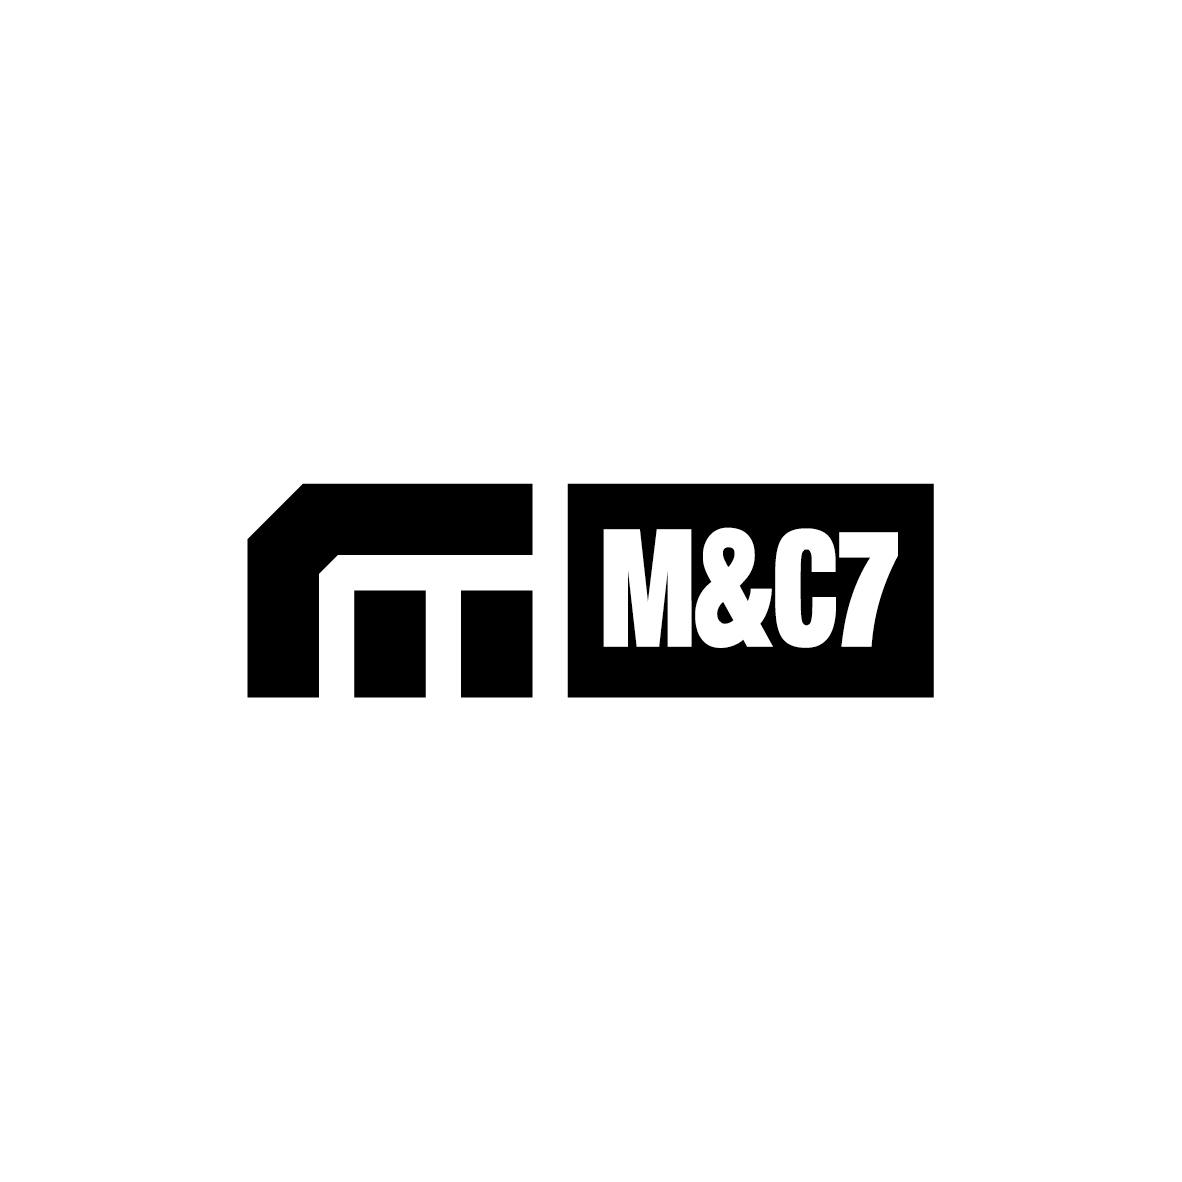 M&C7_Square-01